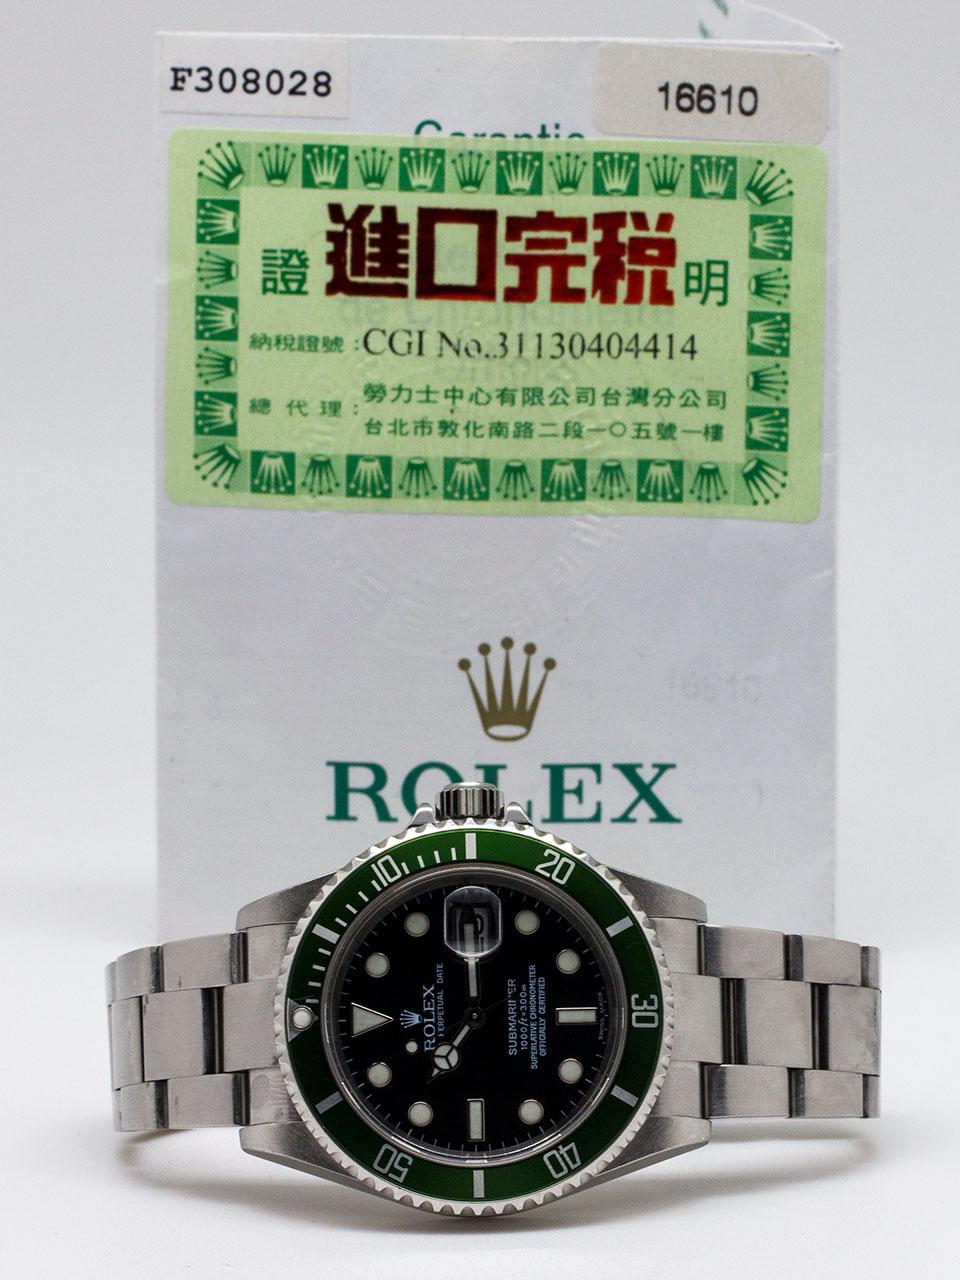 Rolex Anniversary Submariner ref 16610T F3 Flat Font w/ Card circa 2003